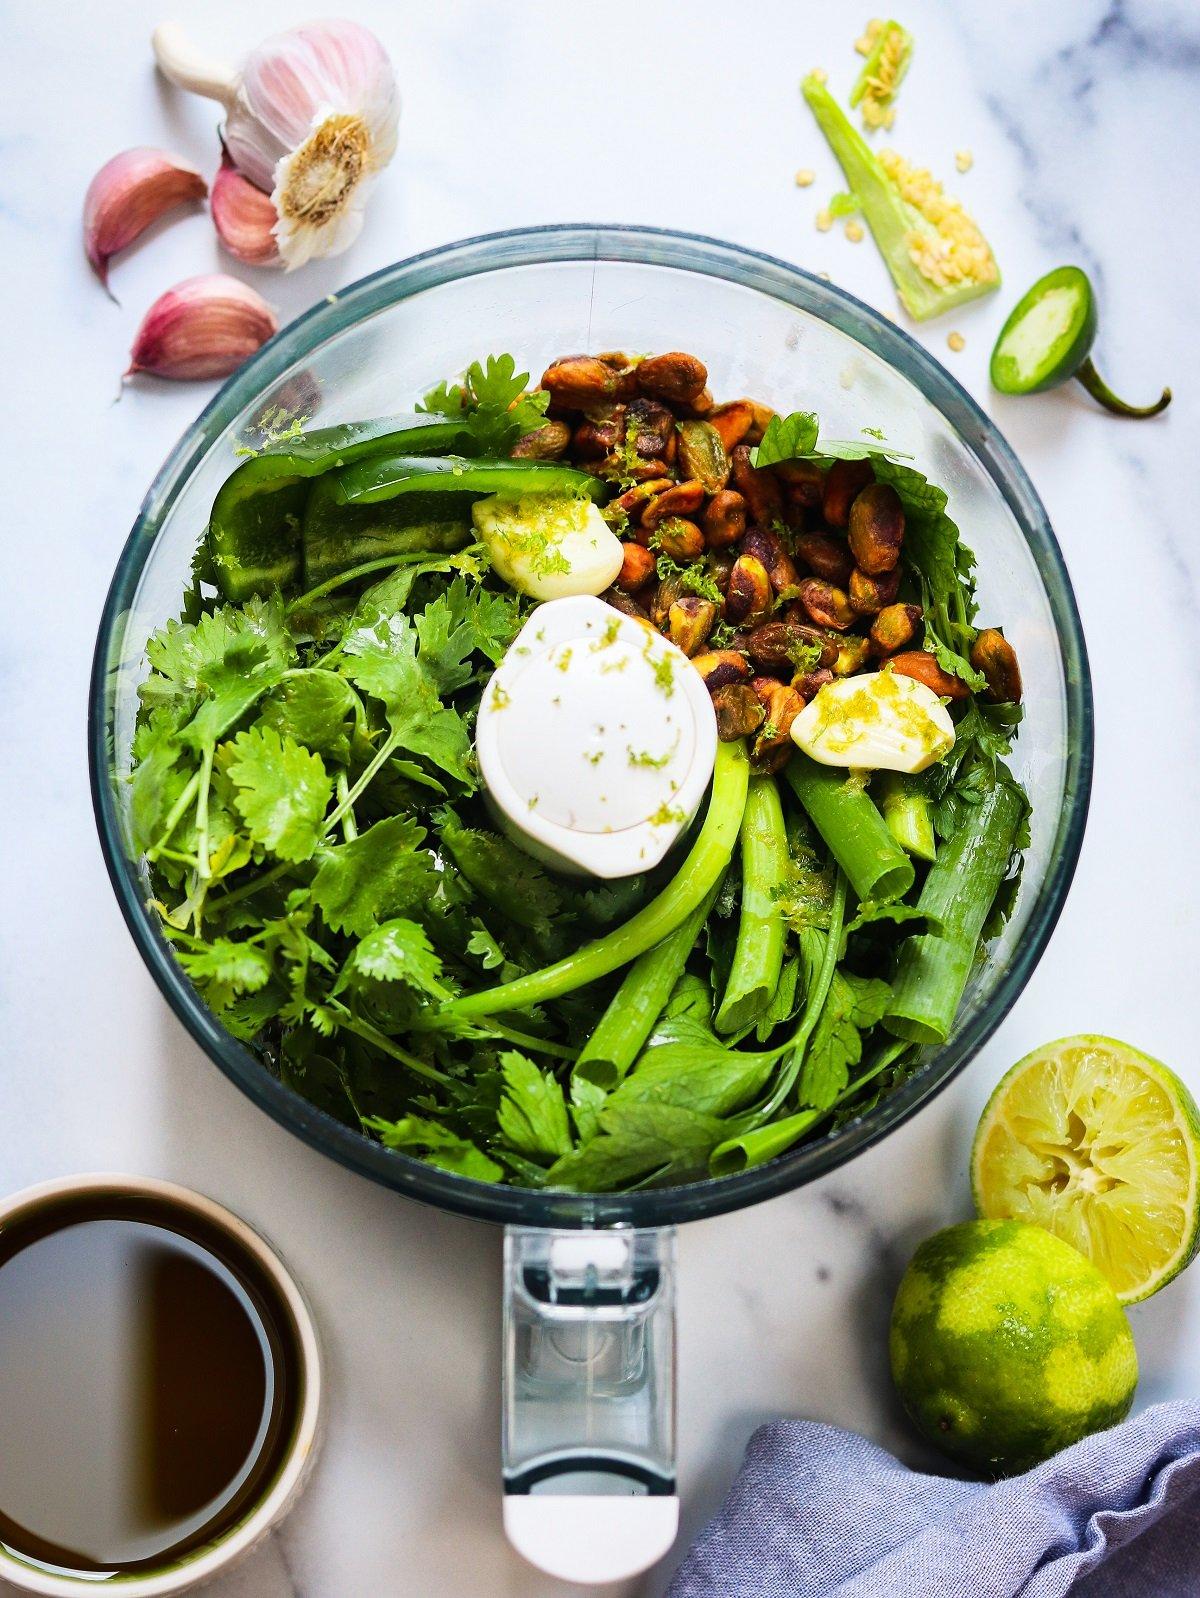 Pesto ingredients in food processor bowl.